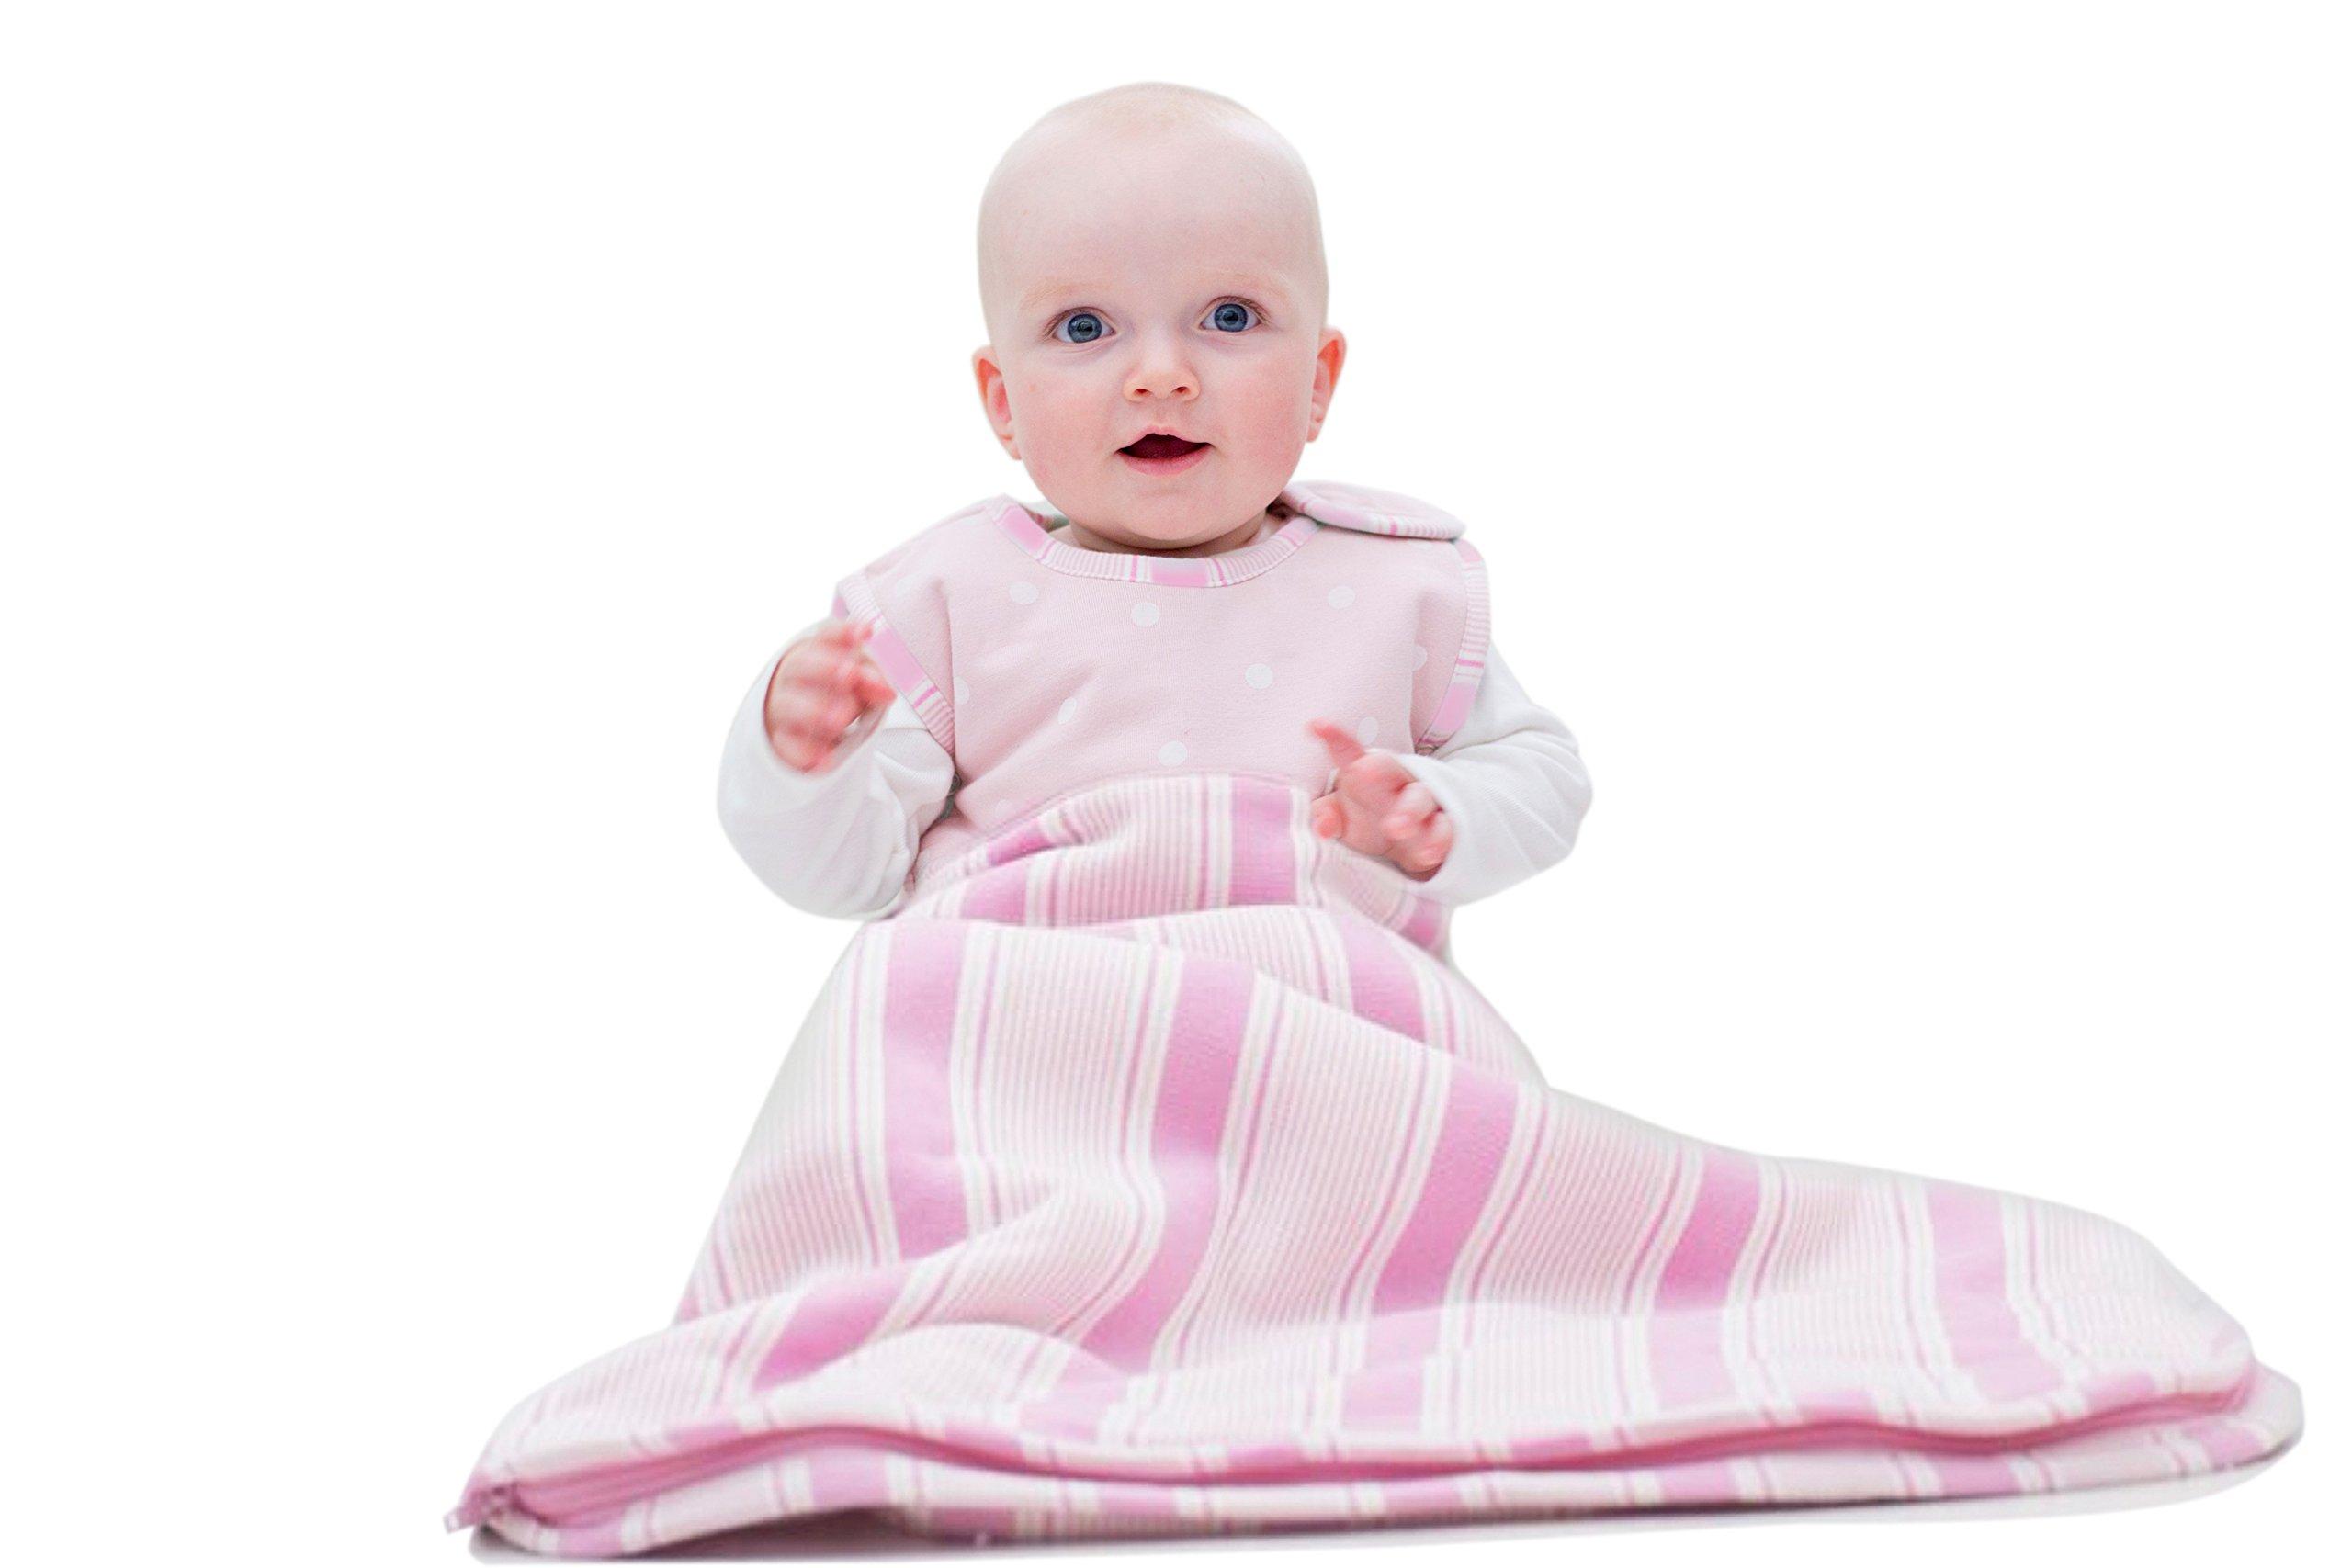 Merino Kids Winter Sherpa-Weight Baby Sleep Bag for Babies 0-2 Years, Cherry Blossom by Merino Kids